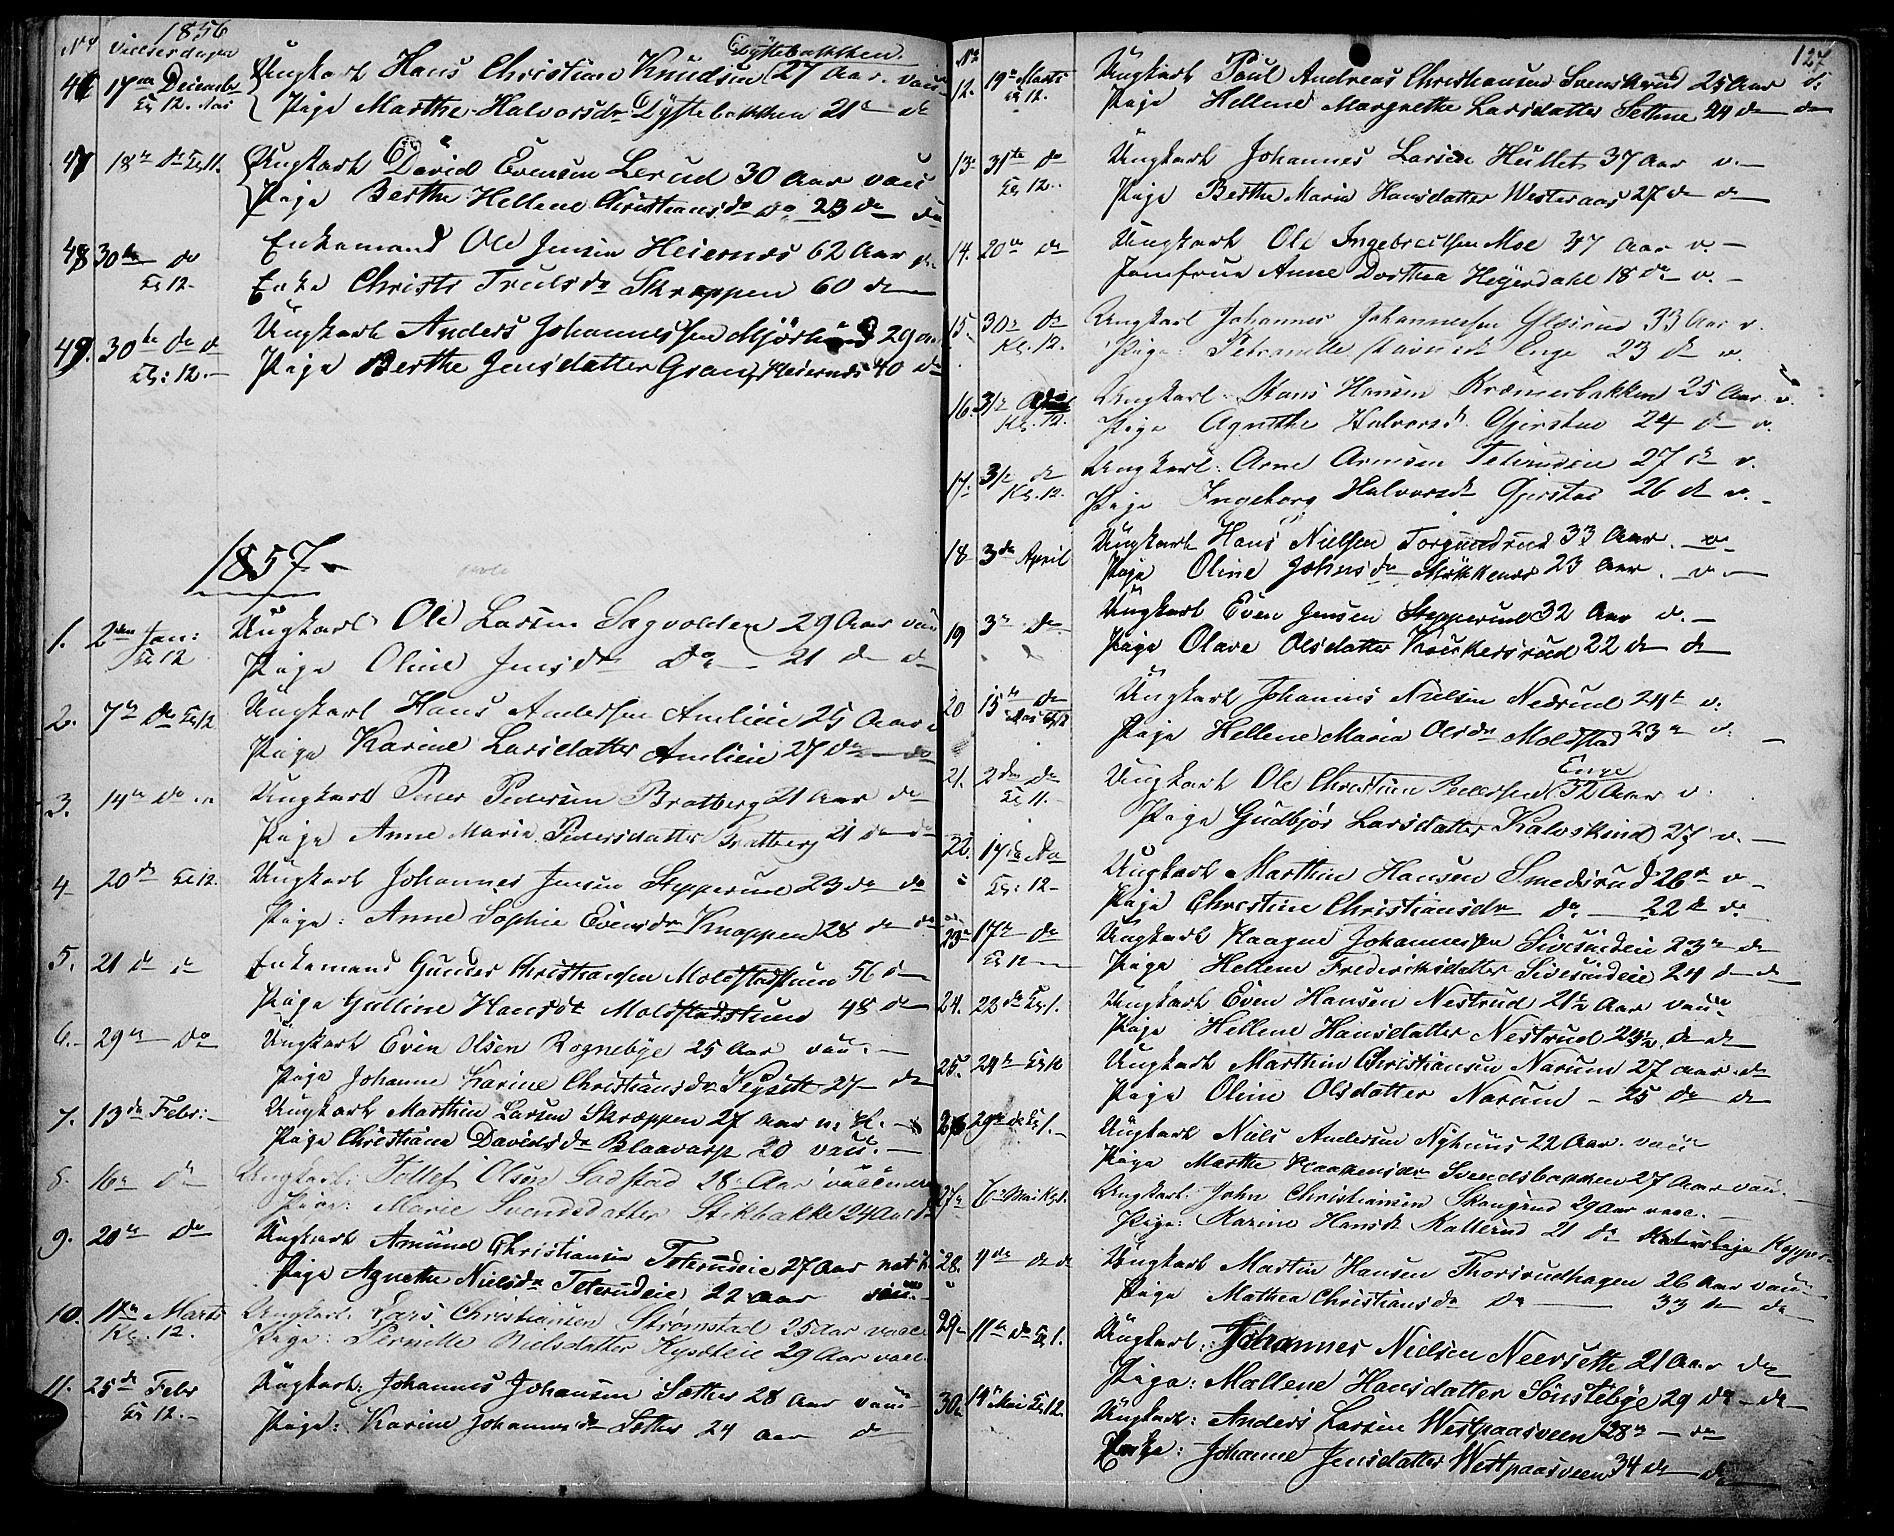 SAH, Vestre Toten prestekontor, H/Ha/Hab/L0005: Klokkerbok nr. 5, 1854-1870, s. 127